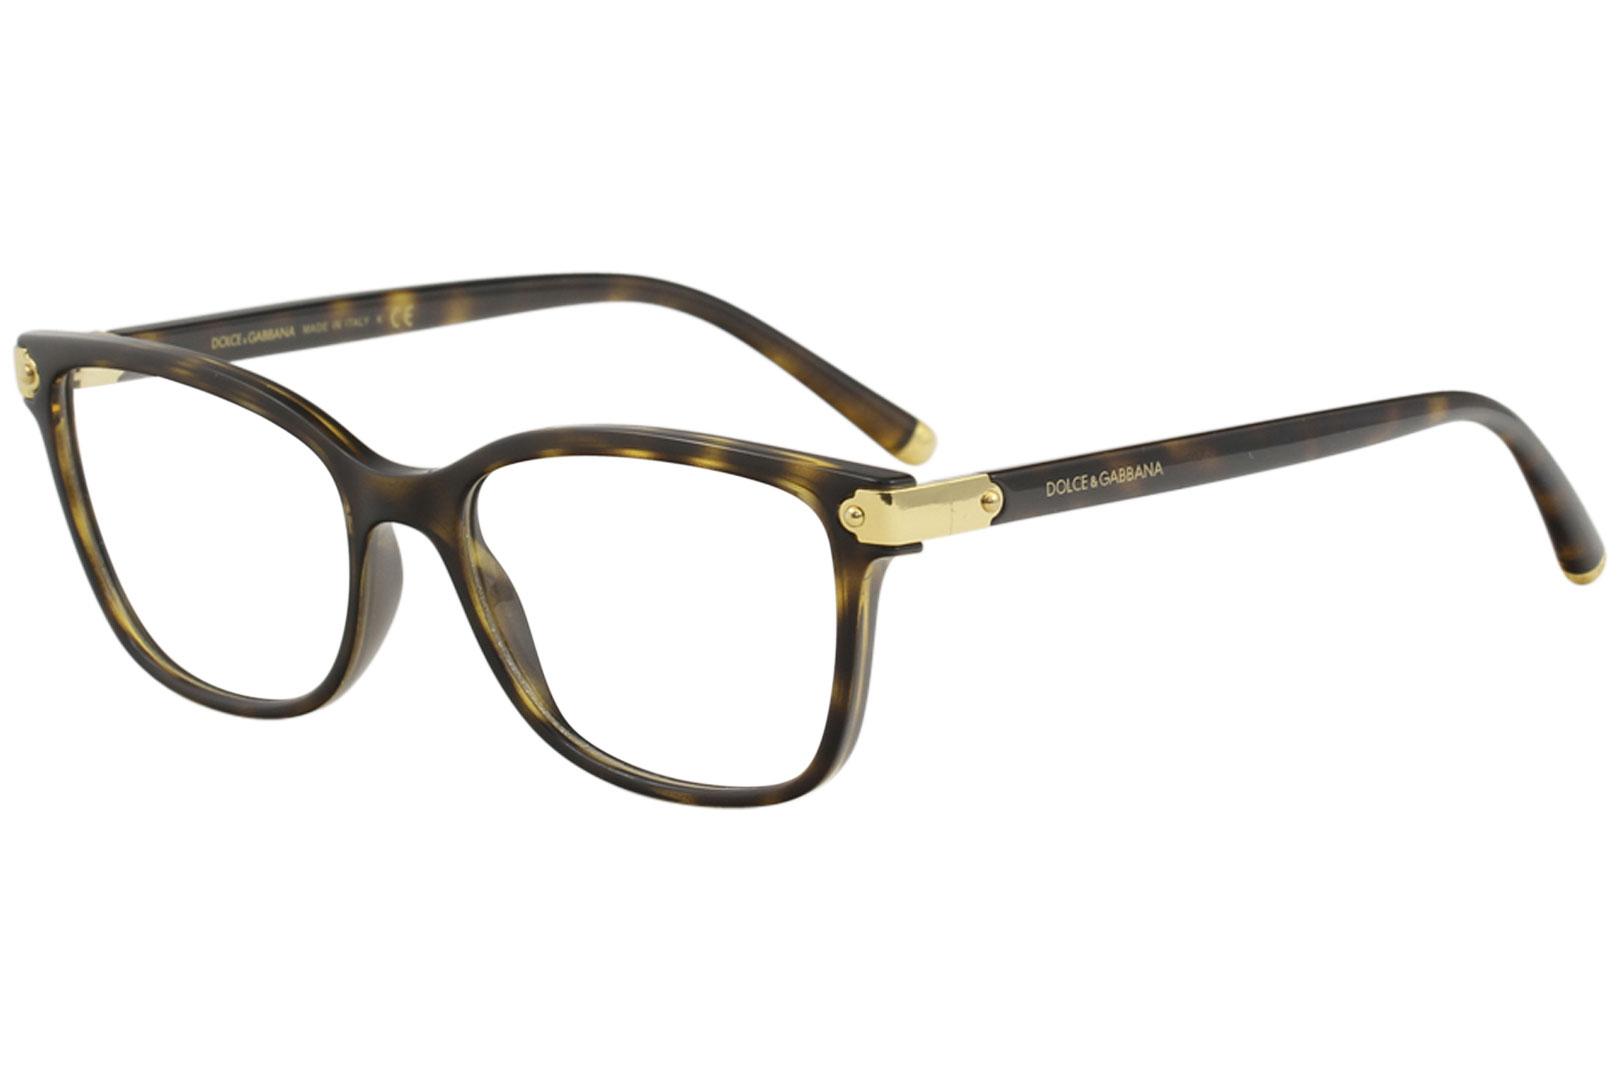 0472be887dbc Dolce & Gabbana Eyeglasses D&G DG5036 DG/5036 502 Havana/Gold ...